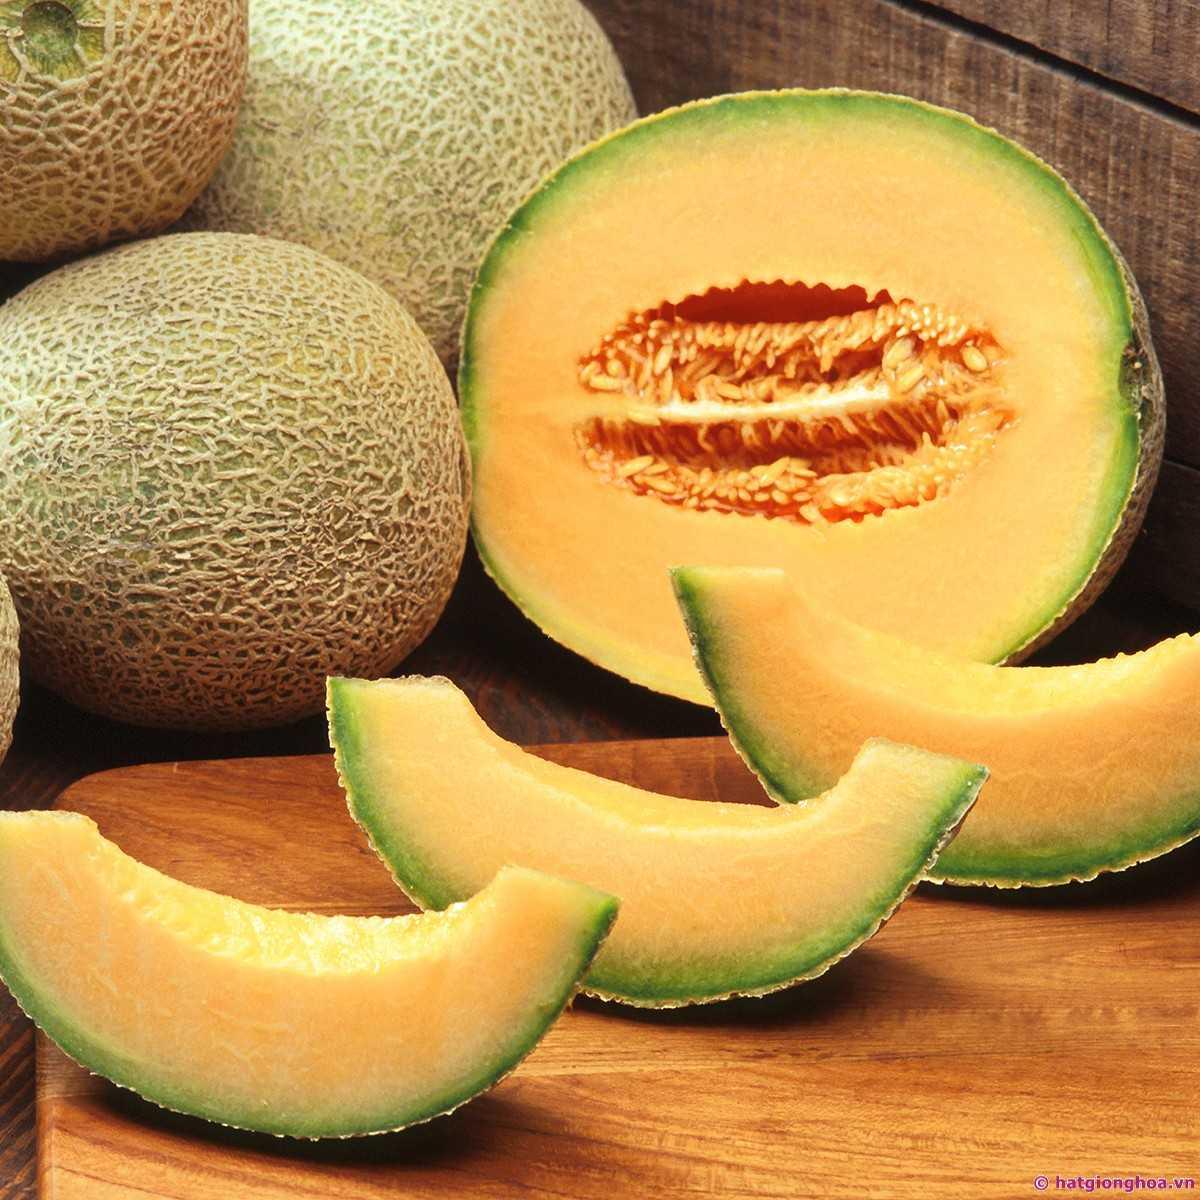 Lựa chọn trái cây sạch và an toàn đem lại lợi ích cho sức khỏe của bạn